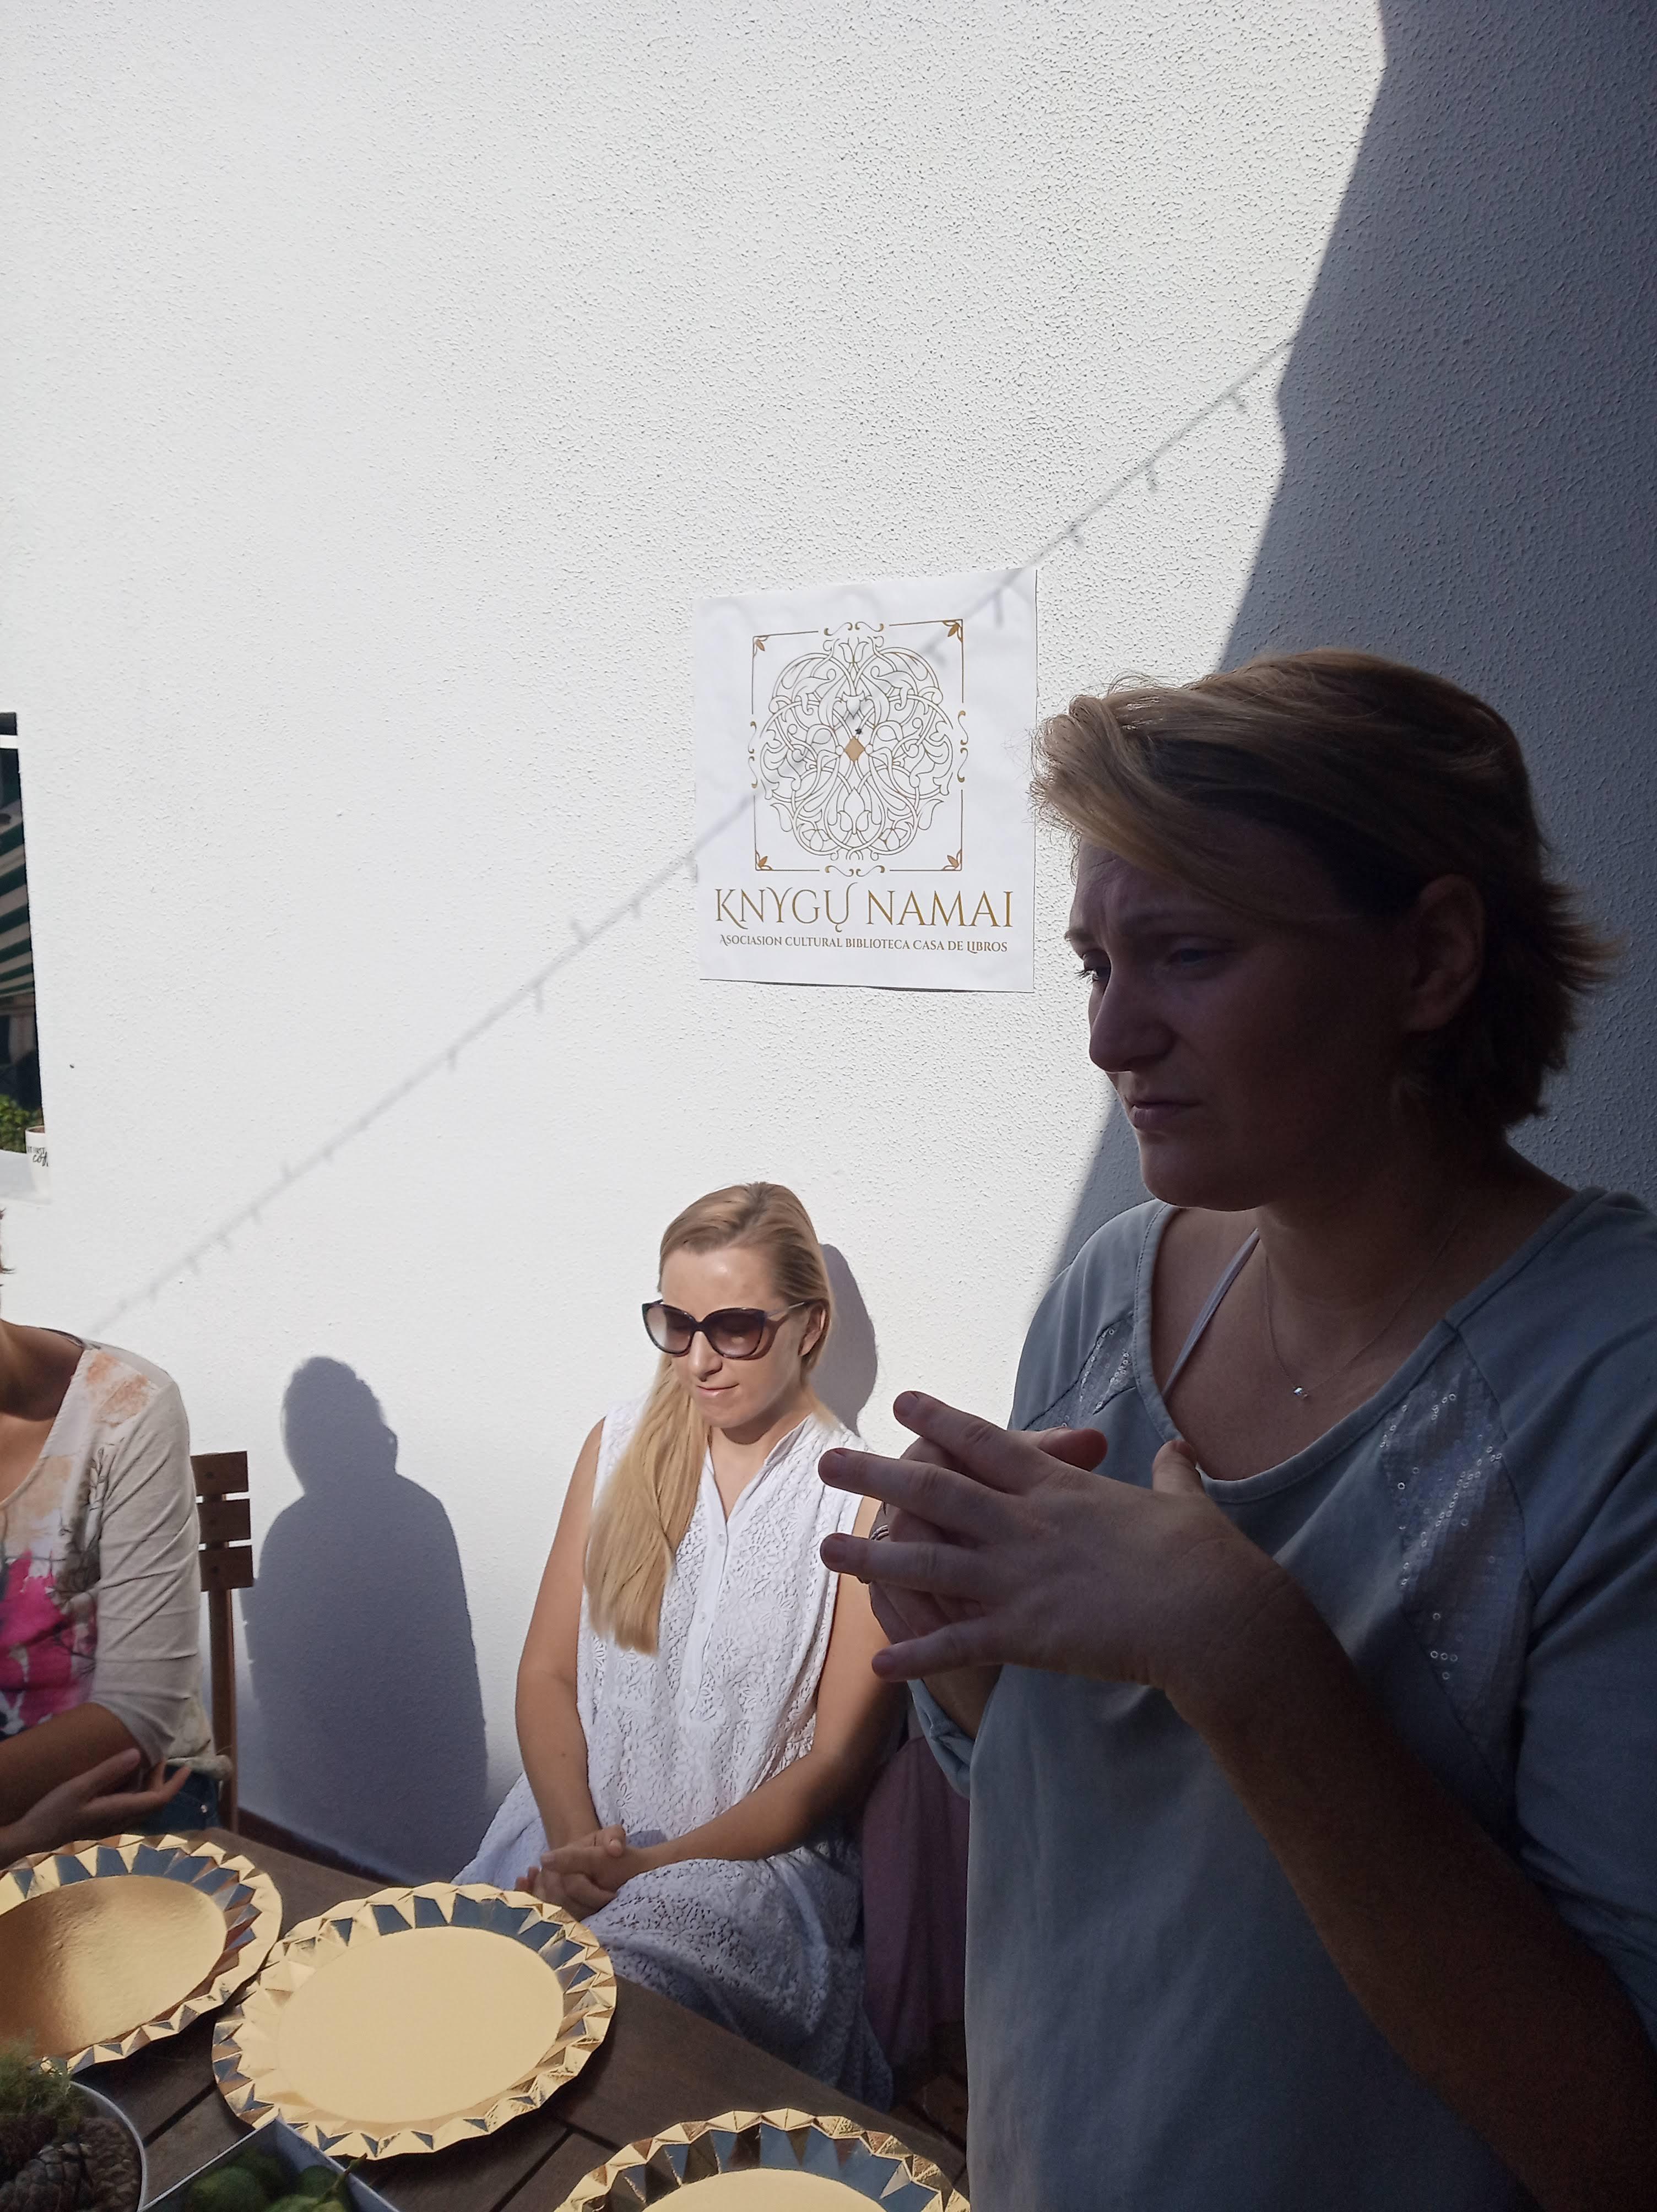 Advento vainikų dribtuvės 2019, renginiai, Lietuvių bendruomenė Tenerifėje, Kalėdos, Knygų namai Tenerifėje, dirbtuvės šeimai